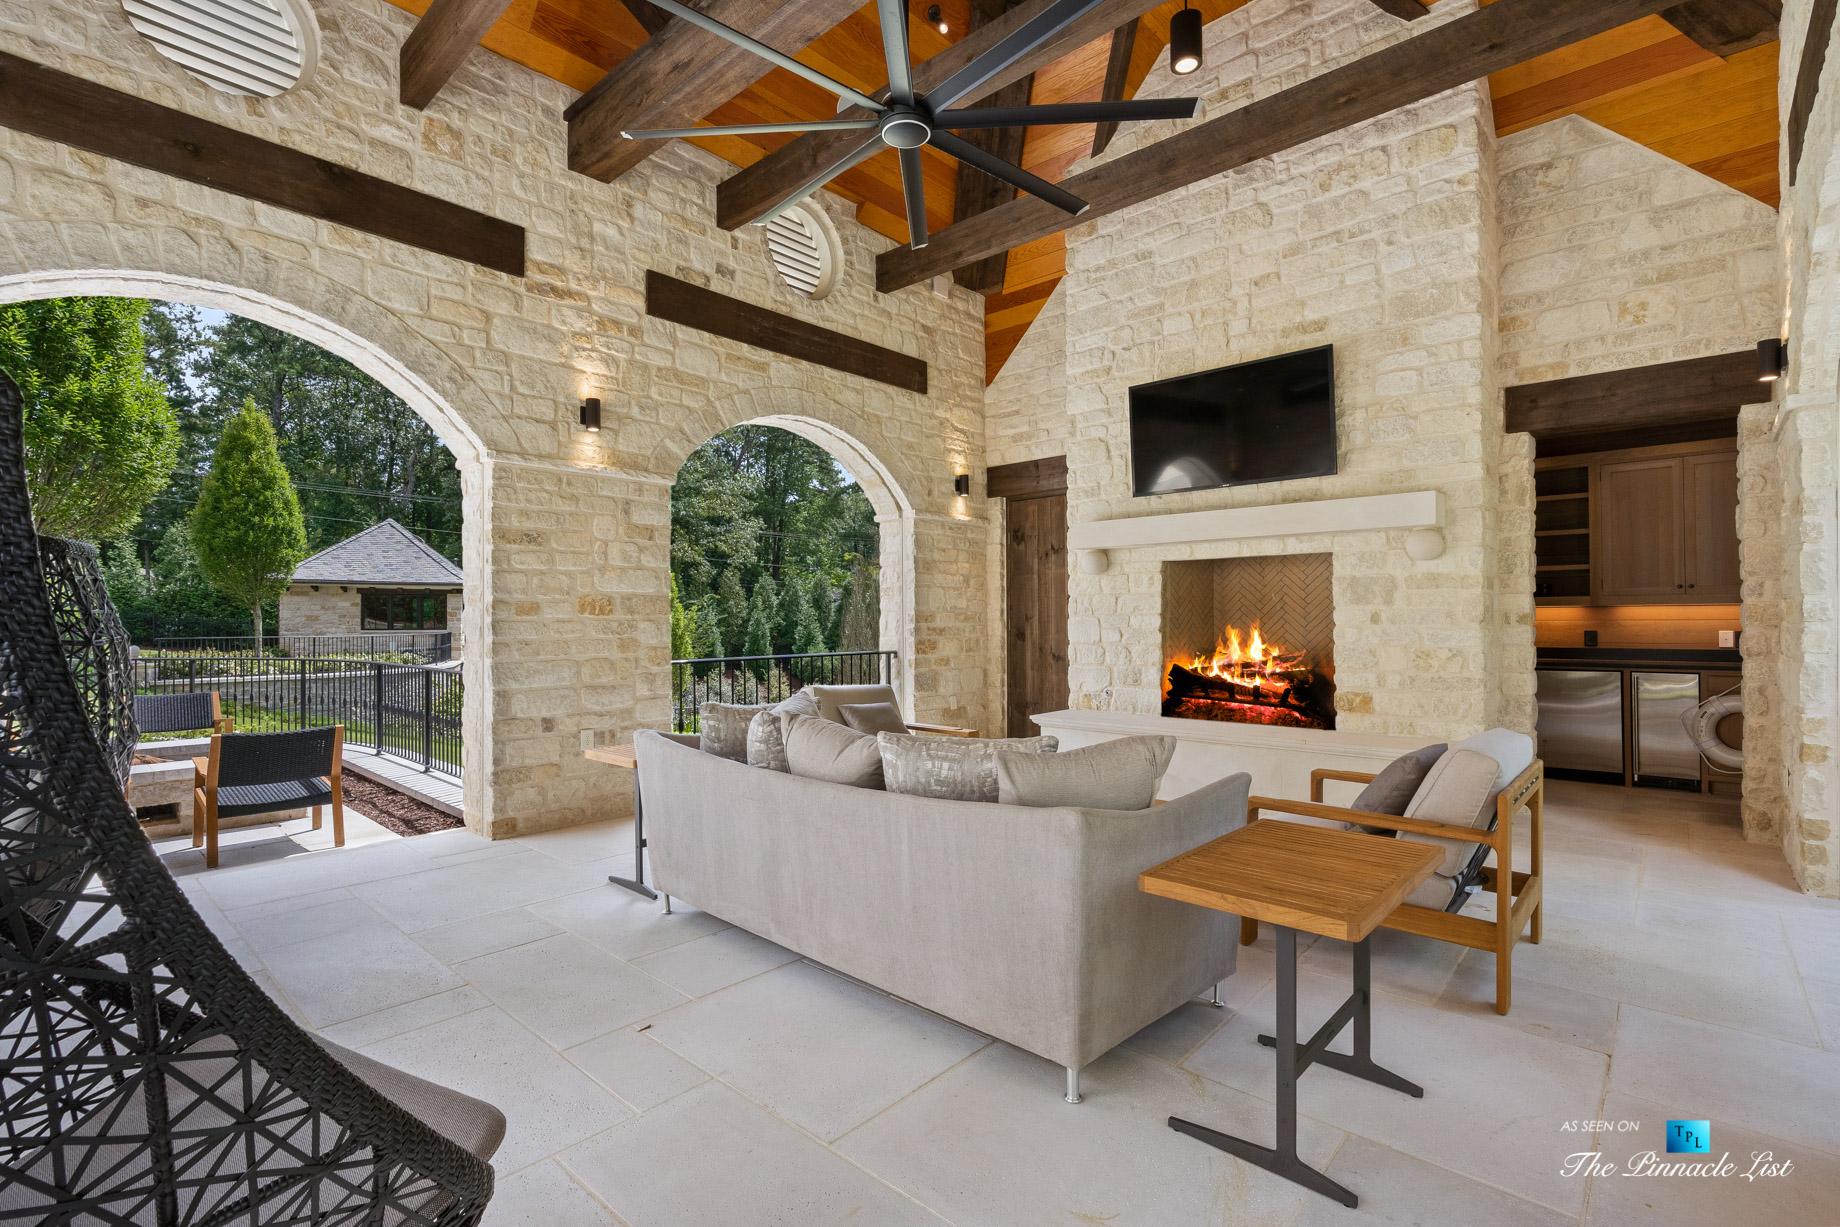 1150 W Garmon Rd, Atlanta, GA, USA - Outdoor Covered Patio - Luxury Real Estate - Buckhead Estate Home